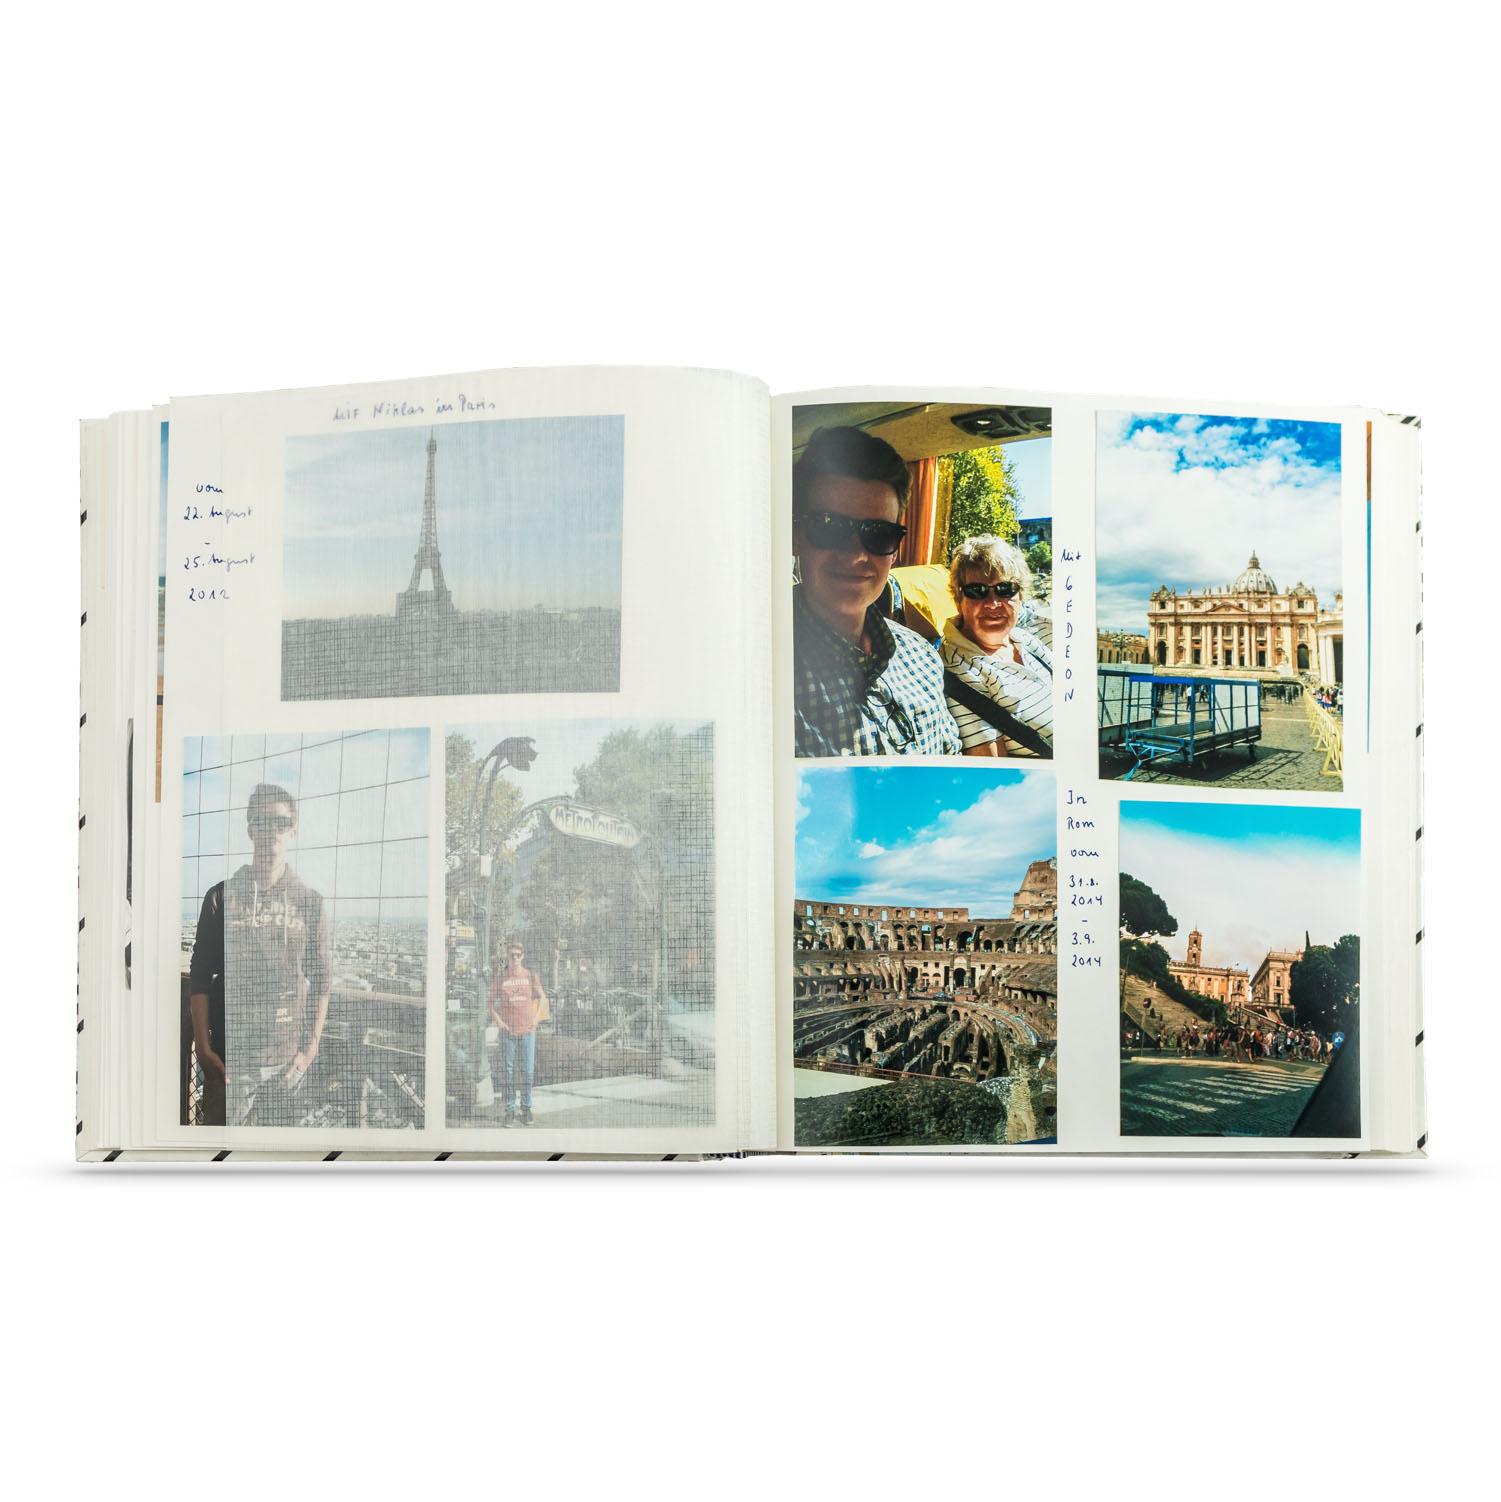 aufgeschlagenes Fotoalbum mitverschiedenen Farbfotografien